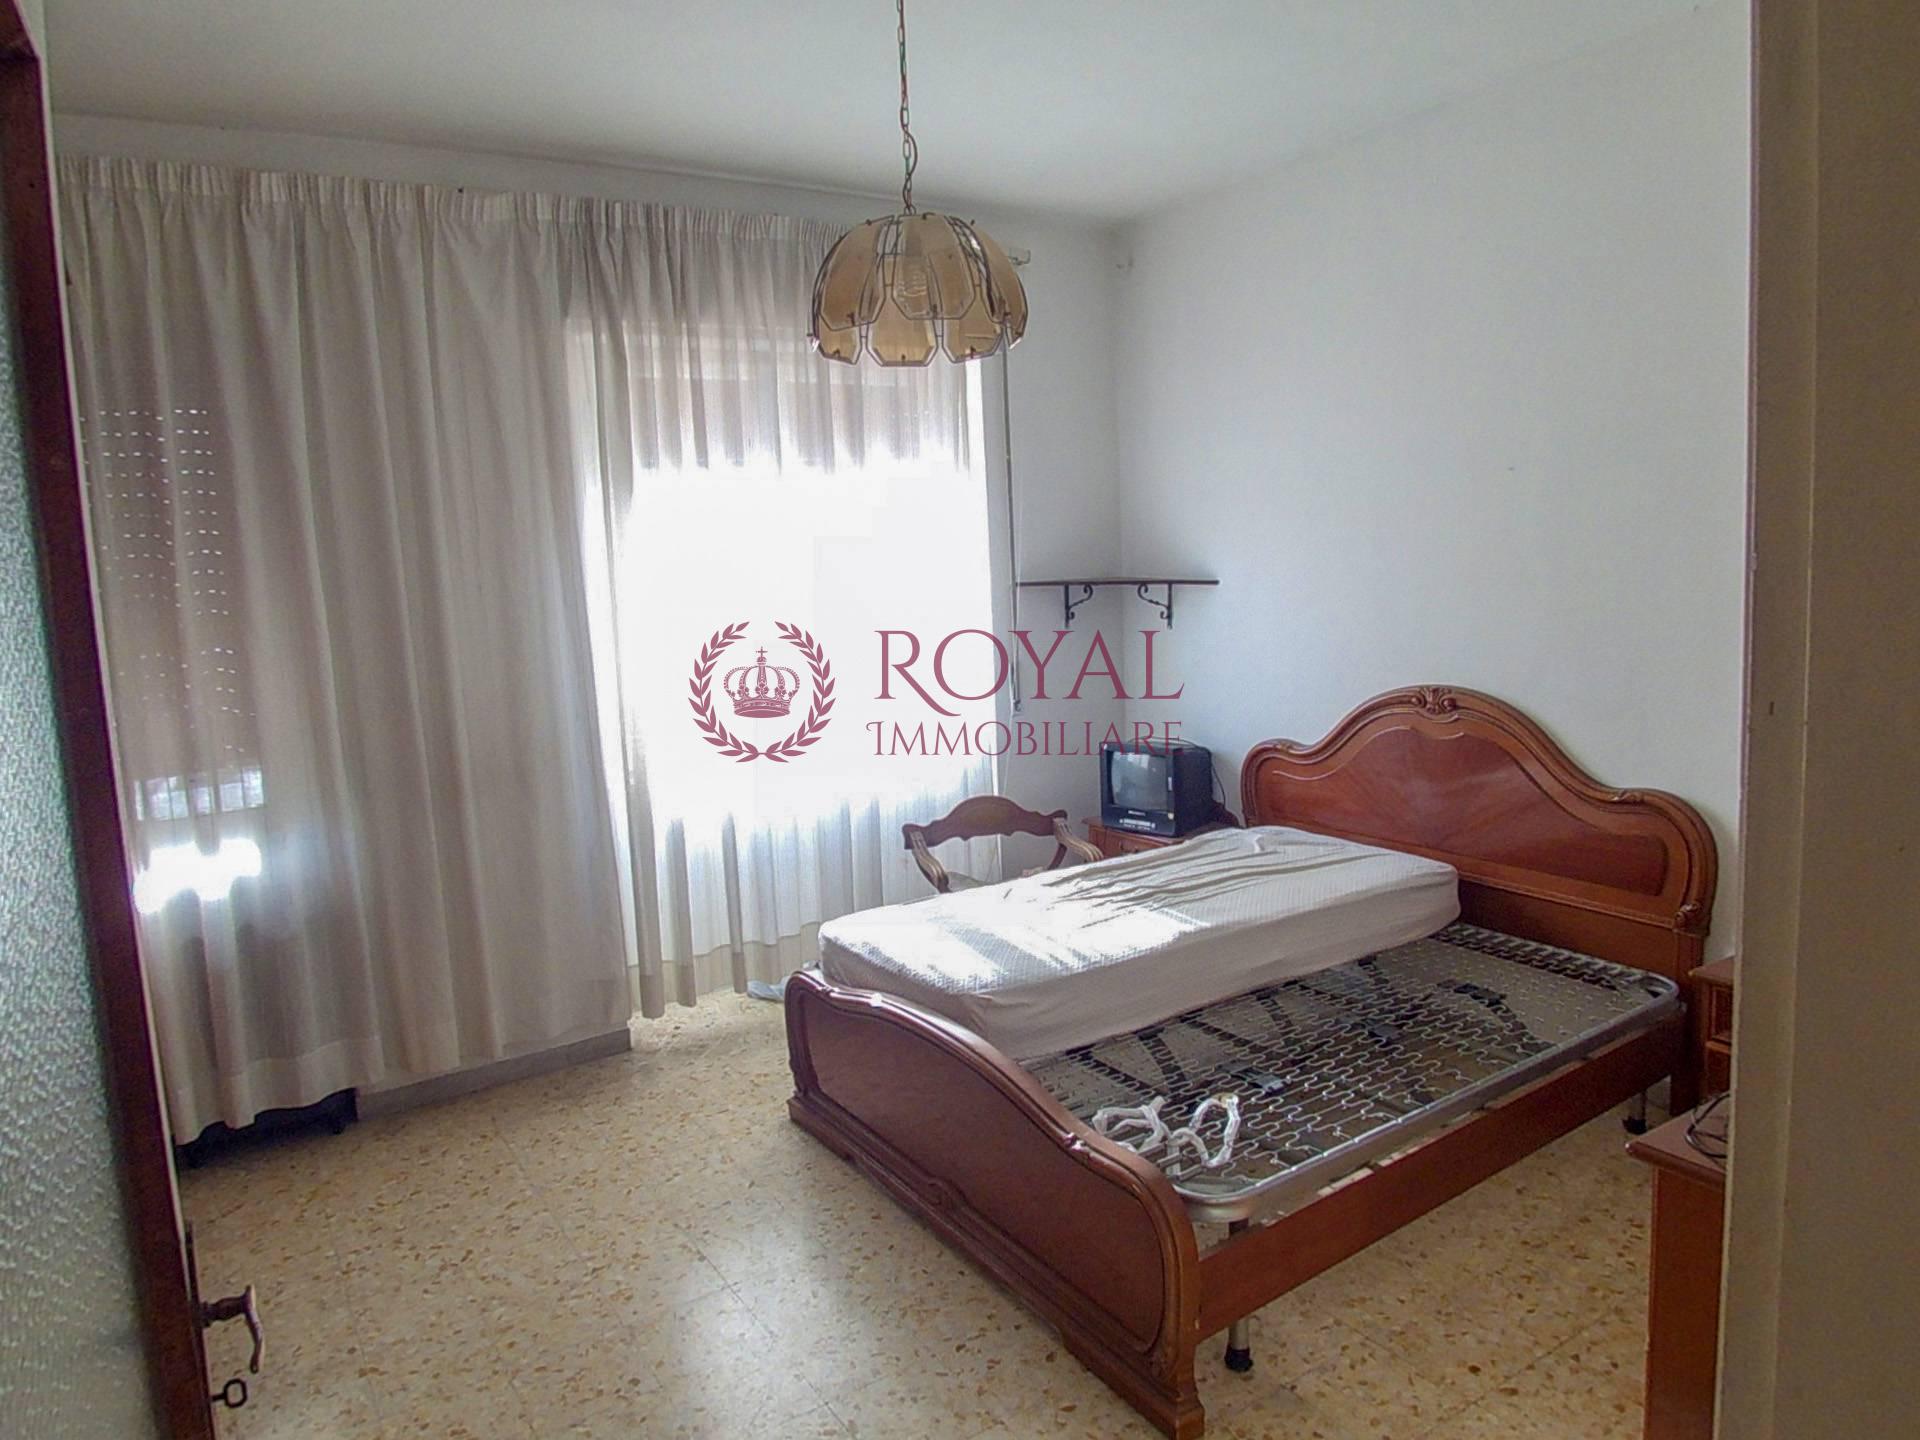 Appartamento LIVORNO vendita  Coteto  Royal Immobiliare Professional S.a.S.